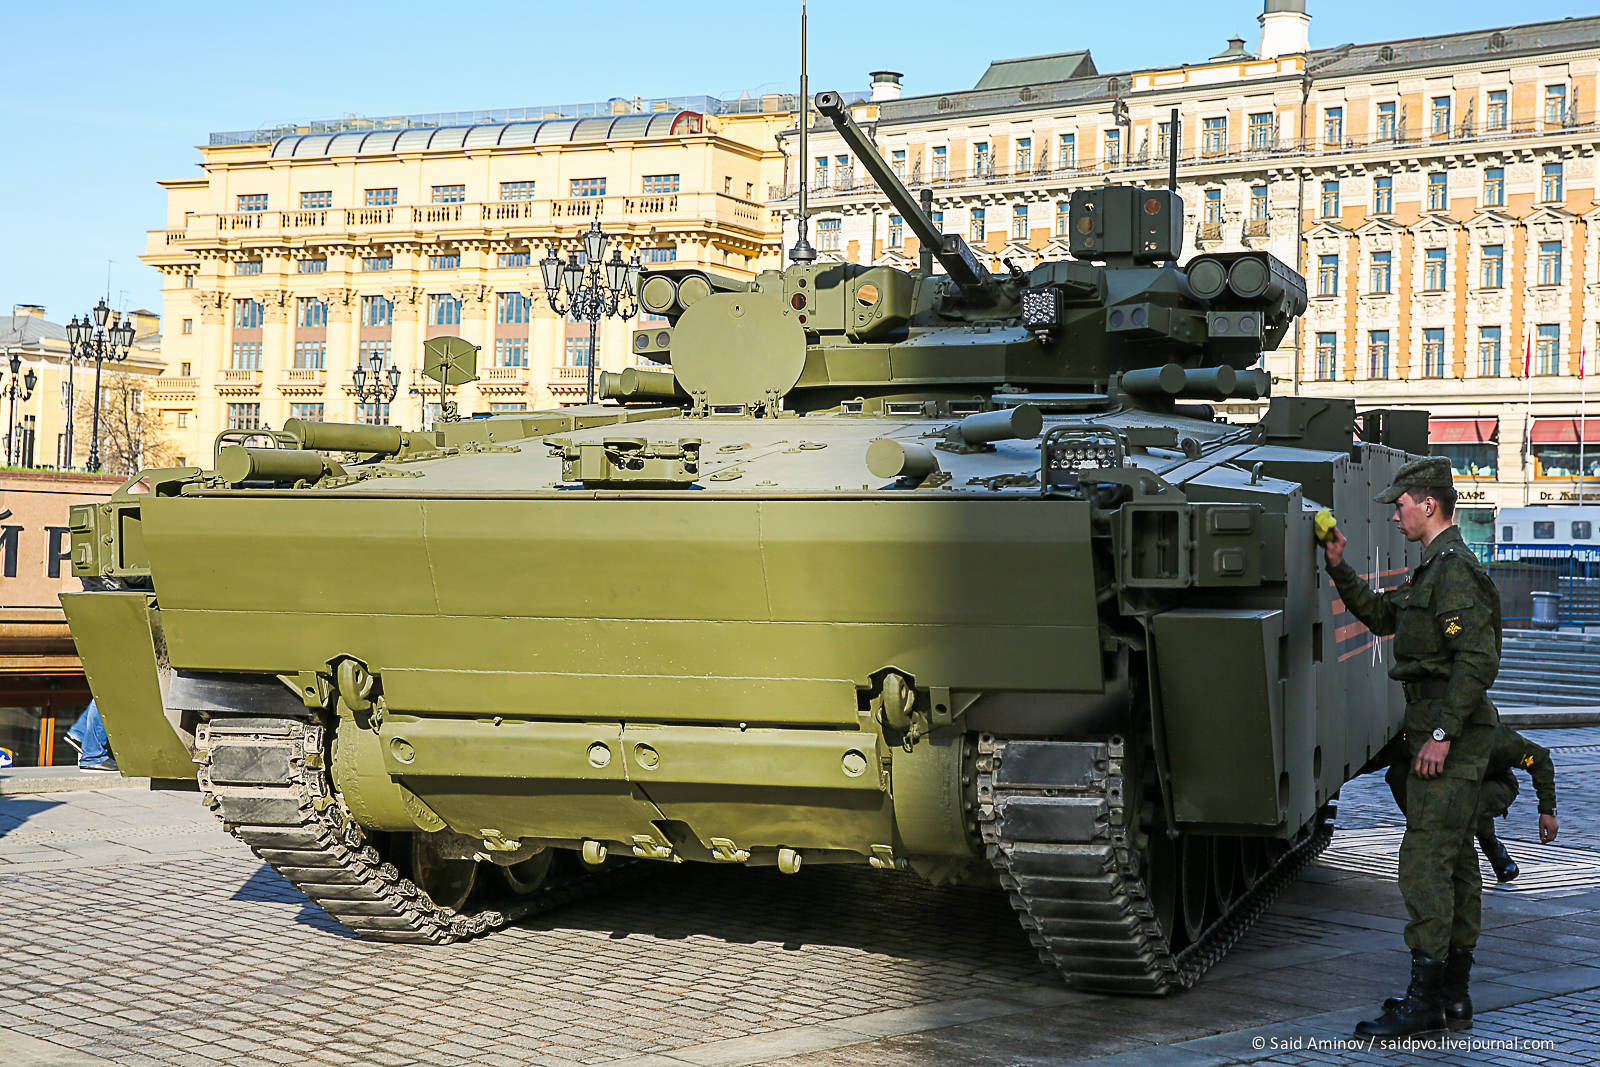 https://tanksdb.ru/images/photos/kurganets-25/tanksdb.ru_kurganets-25_04.jpg